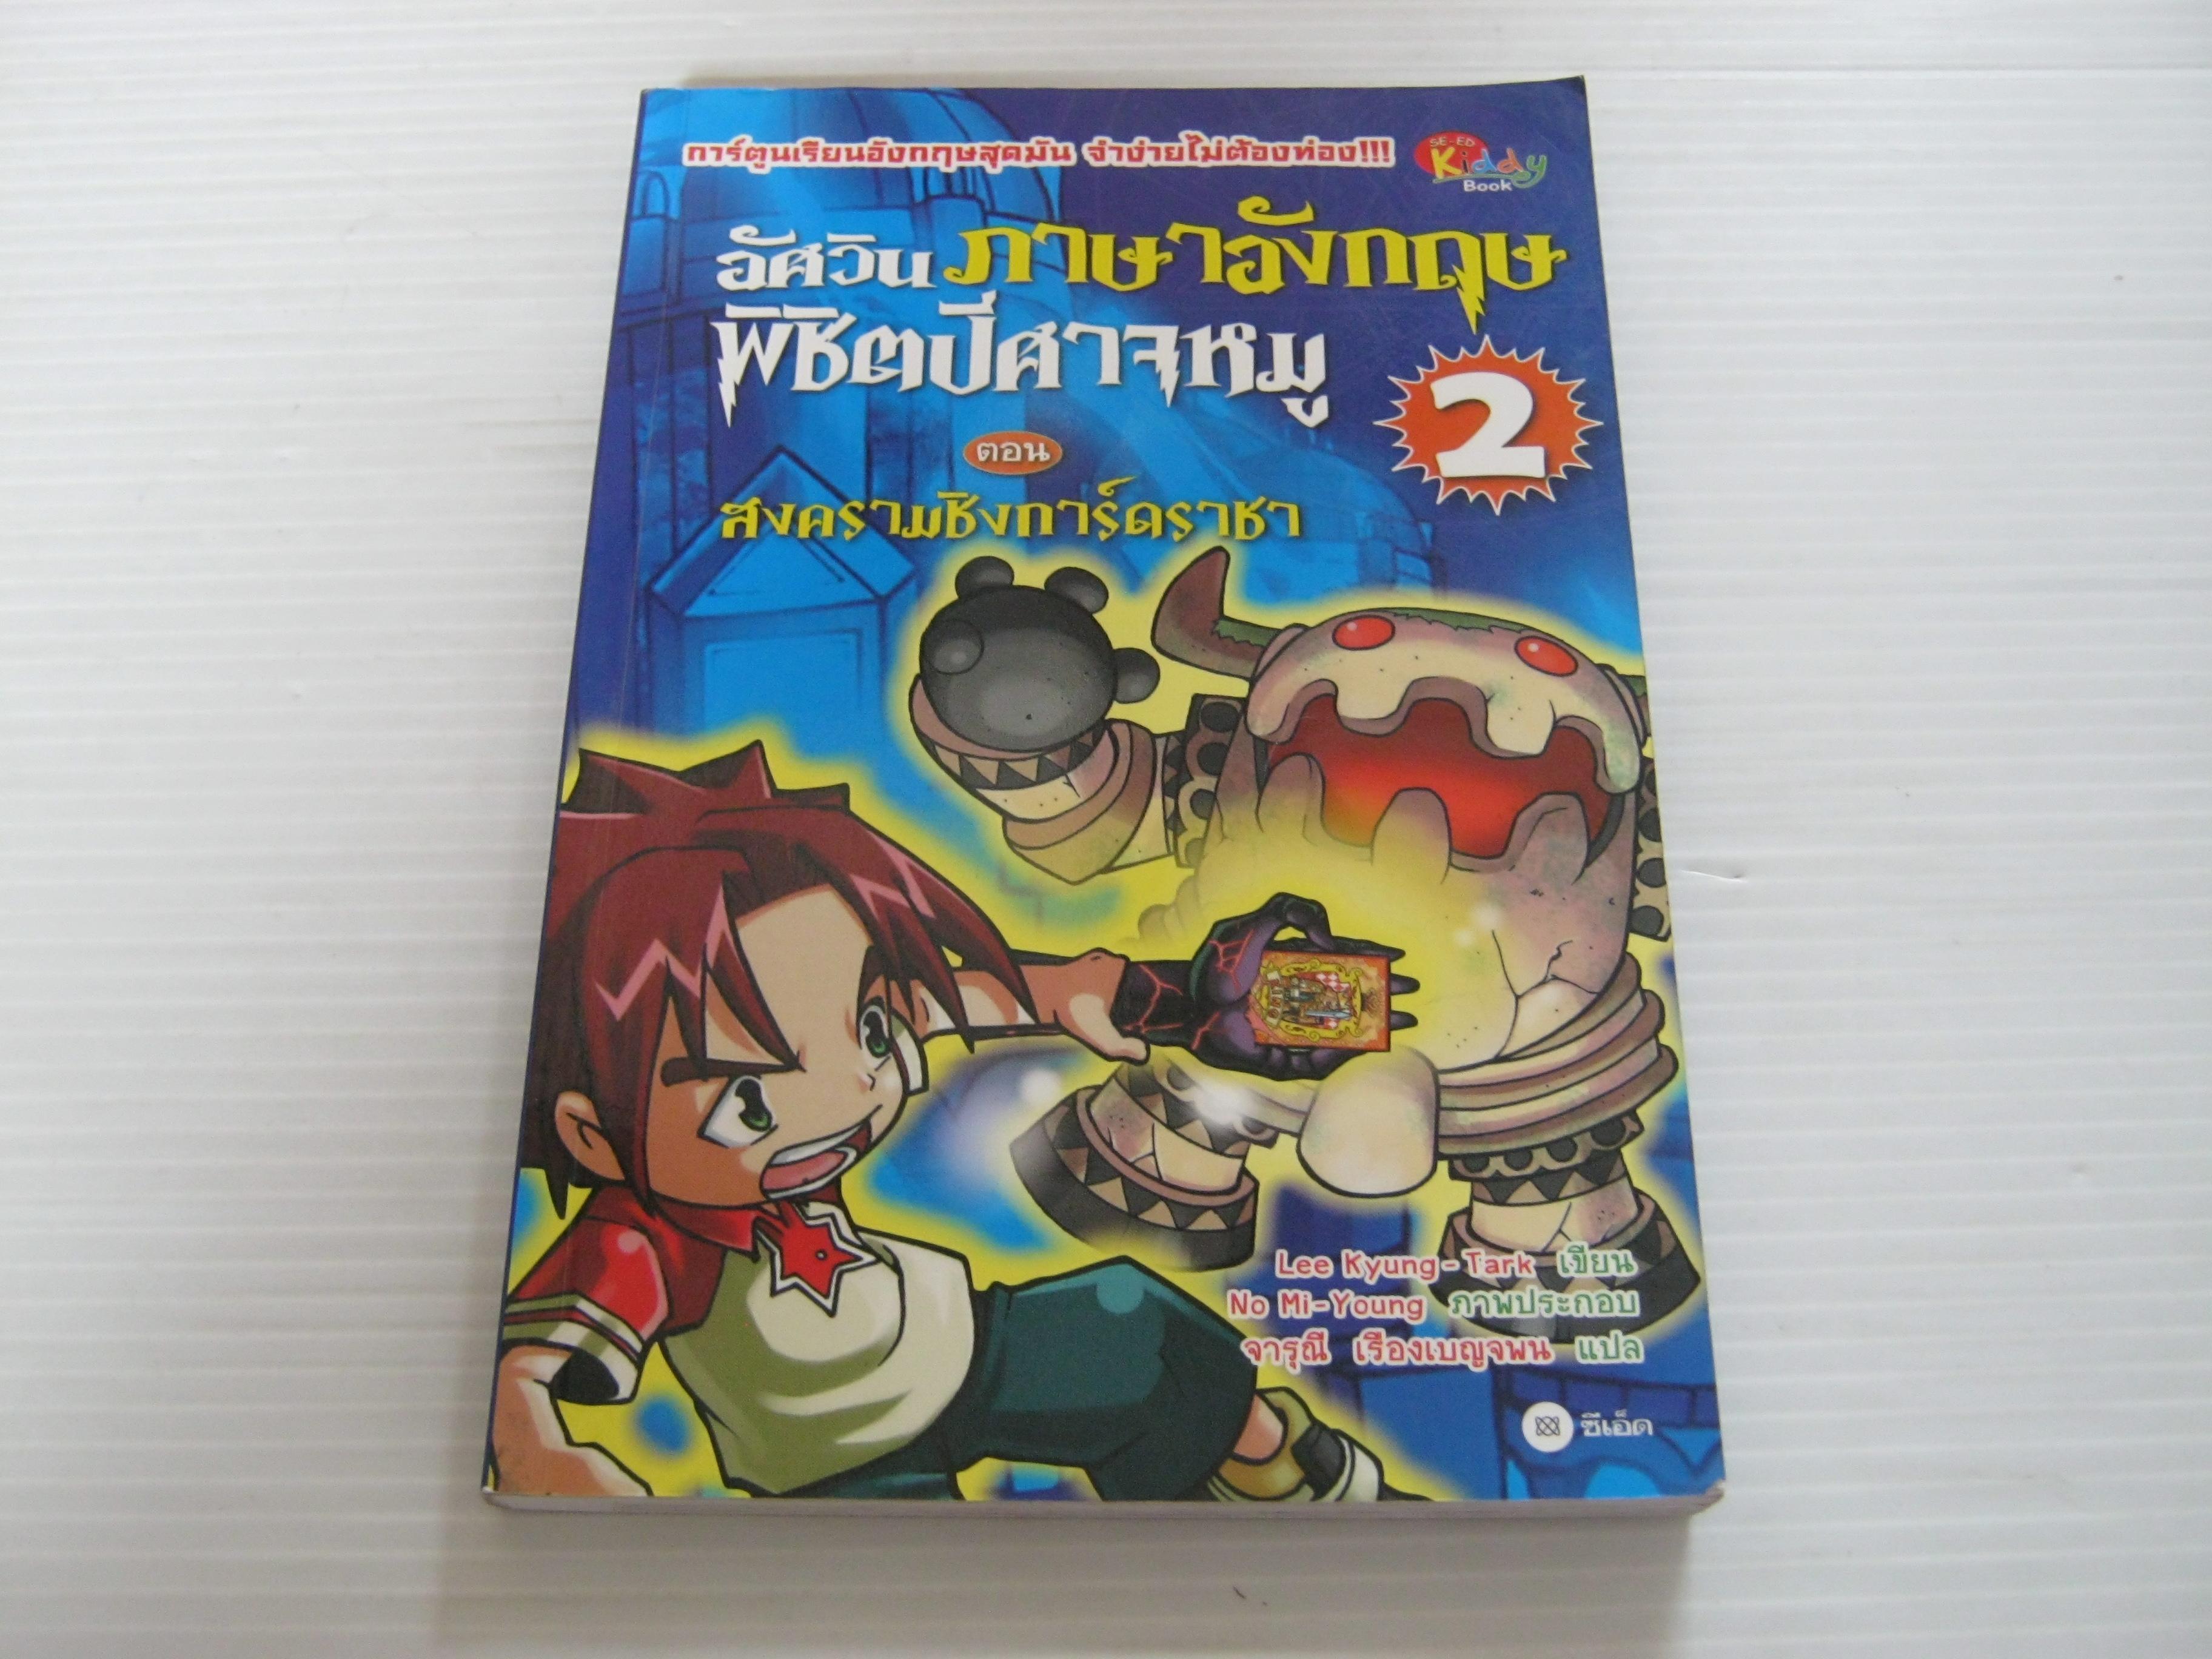 อัศวินภาษาอังกฤษพิชิตปีศาจหมู เล่ม 2 ตอน สงครามการ์ดราชา Lee Kyung-Tark เขียน No Mi-Young ภาพประกอบ จารุณี เรืองเบญจพน แปล